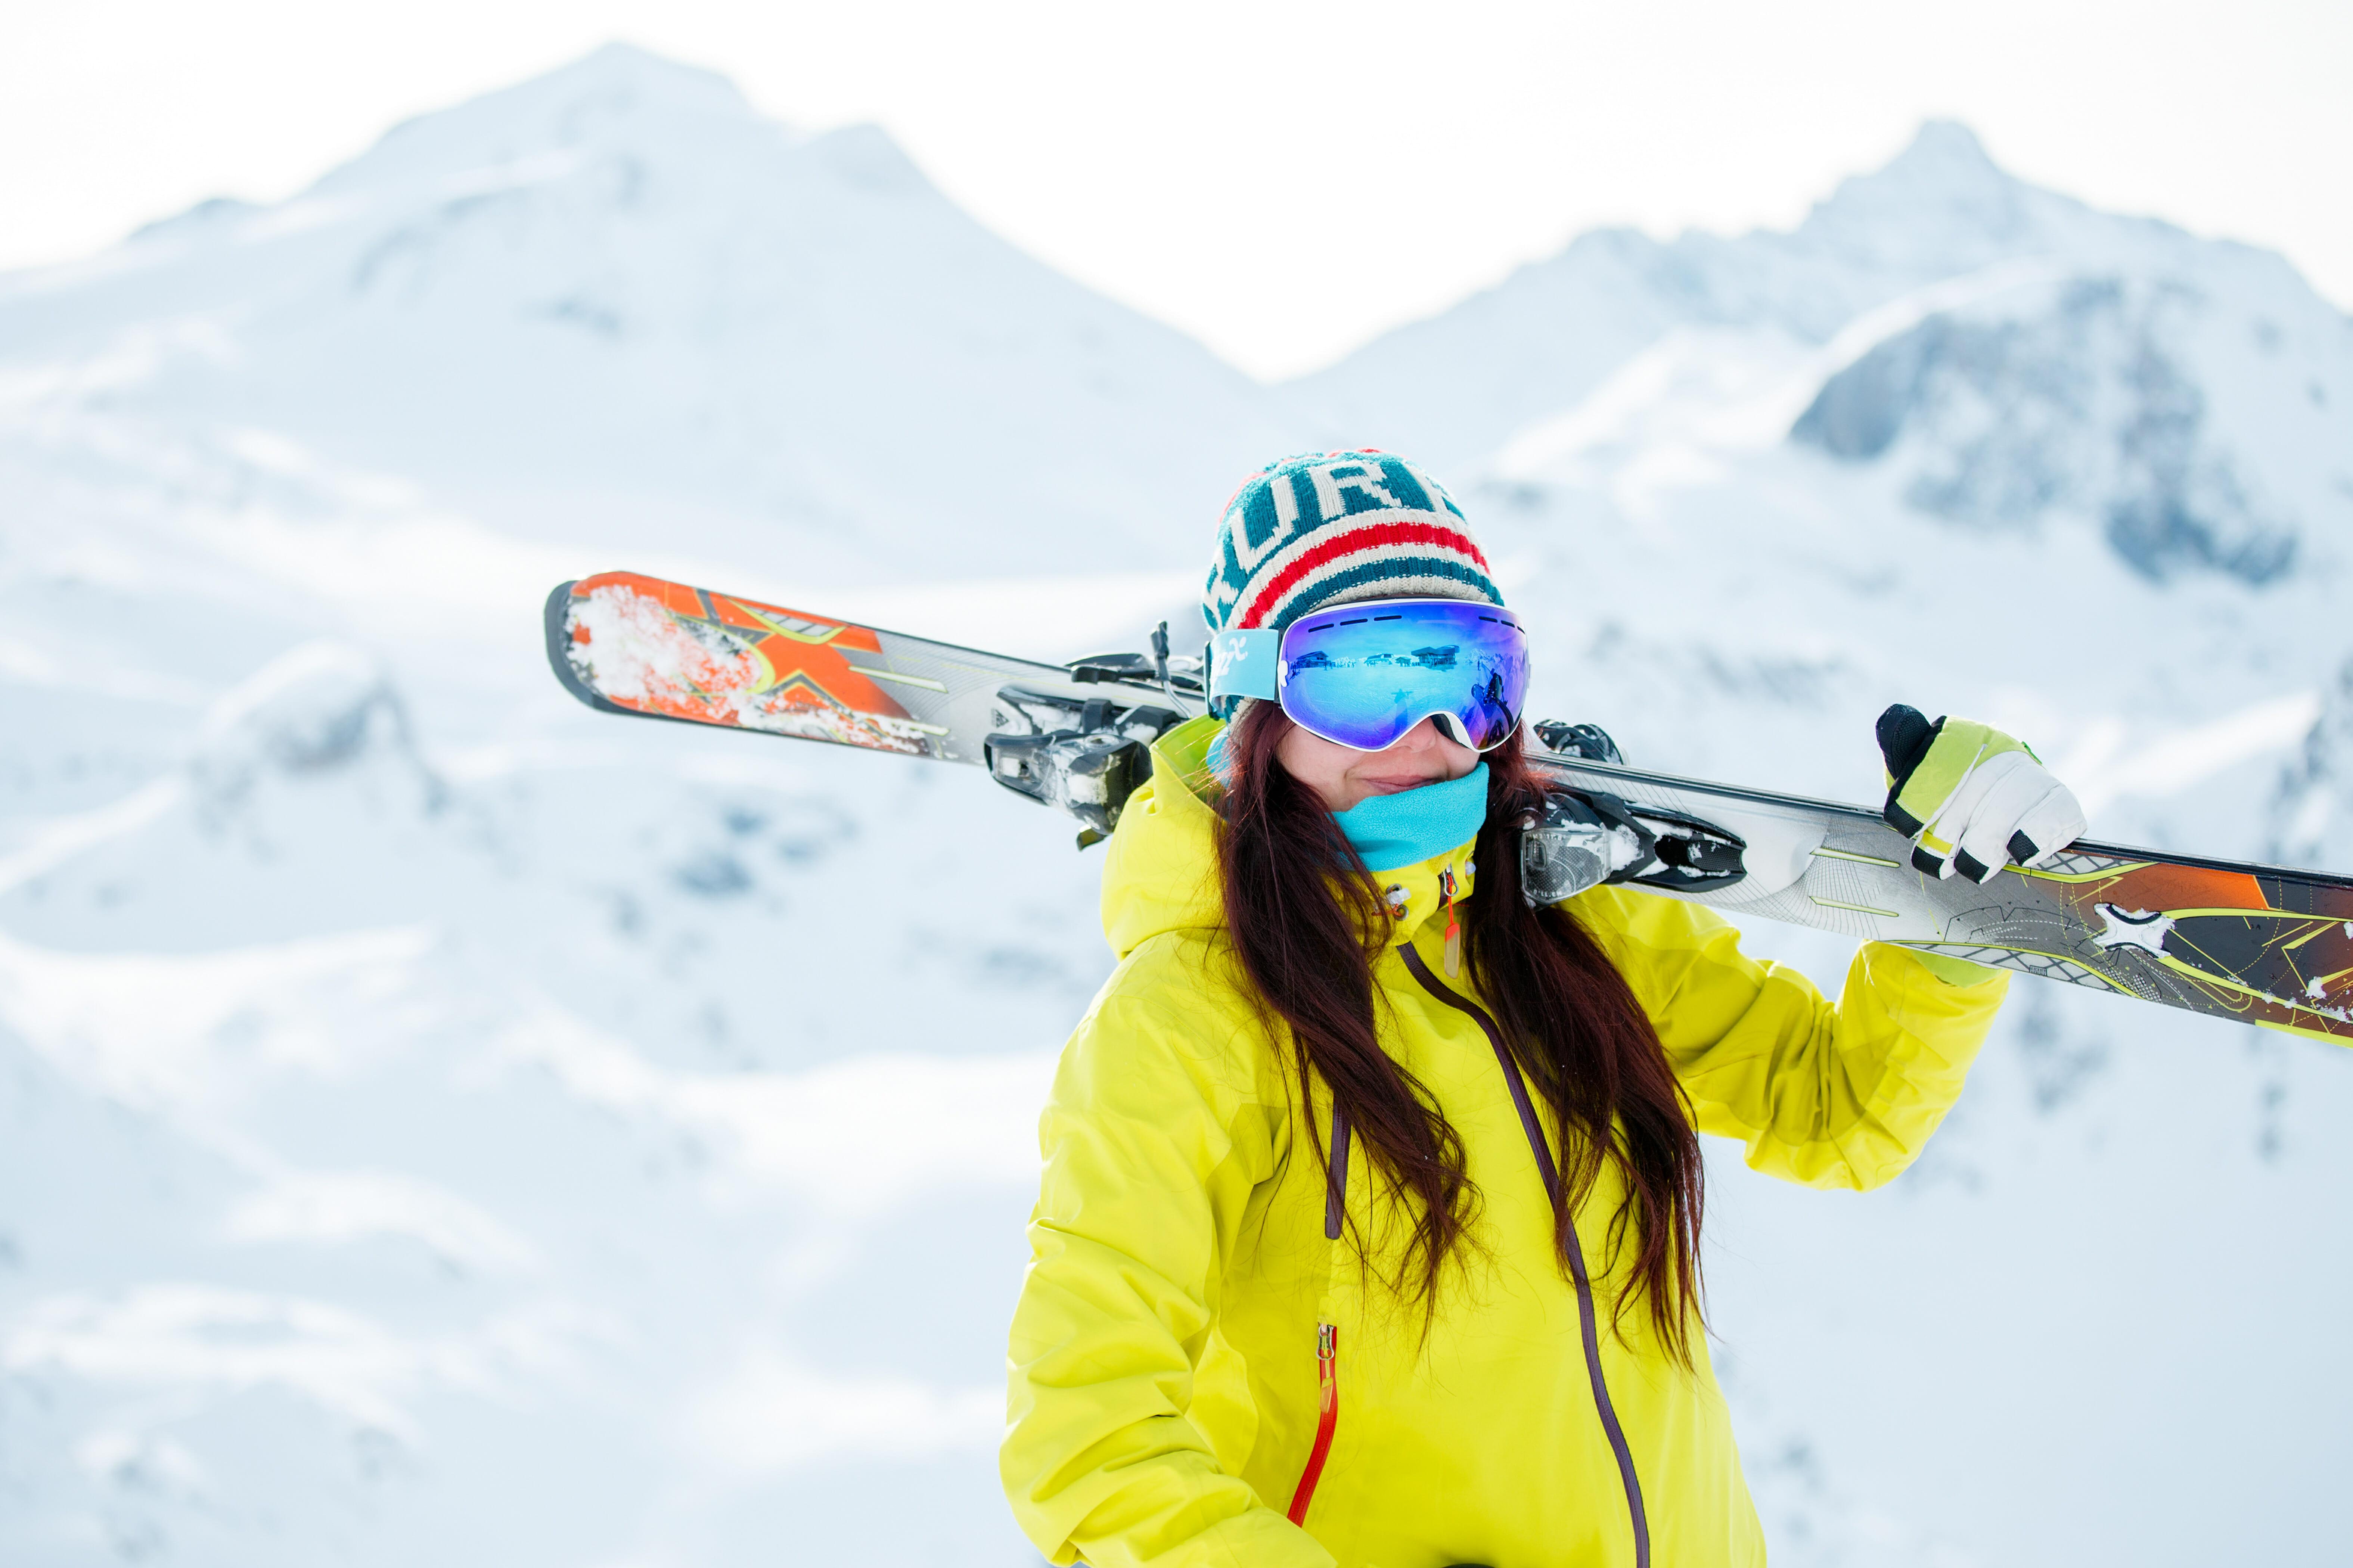 スキー板を持つ女性